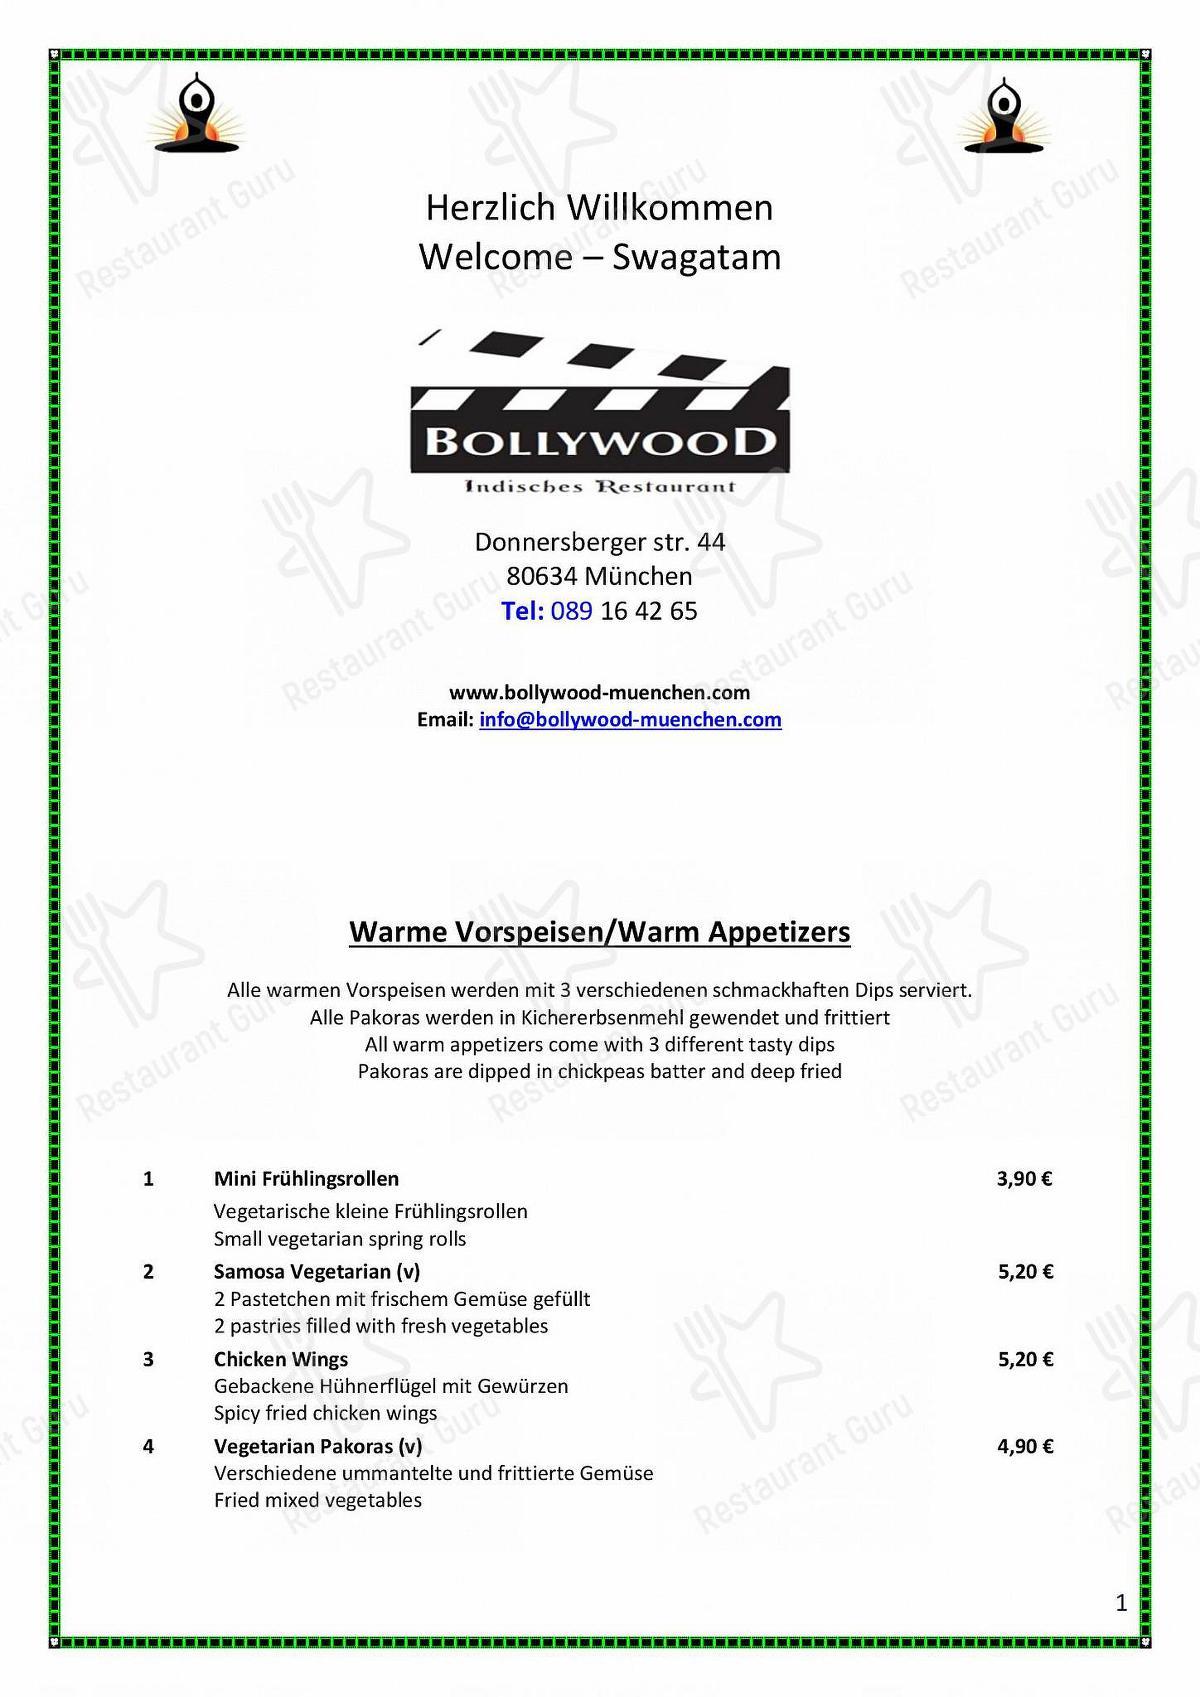 Bollywood Speisekarte - Essen und Getränke